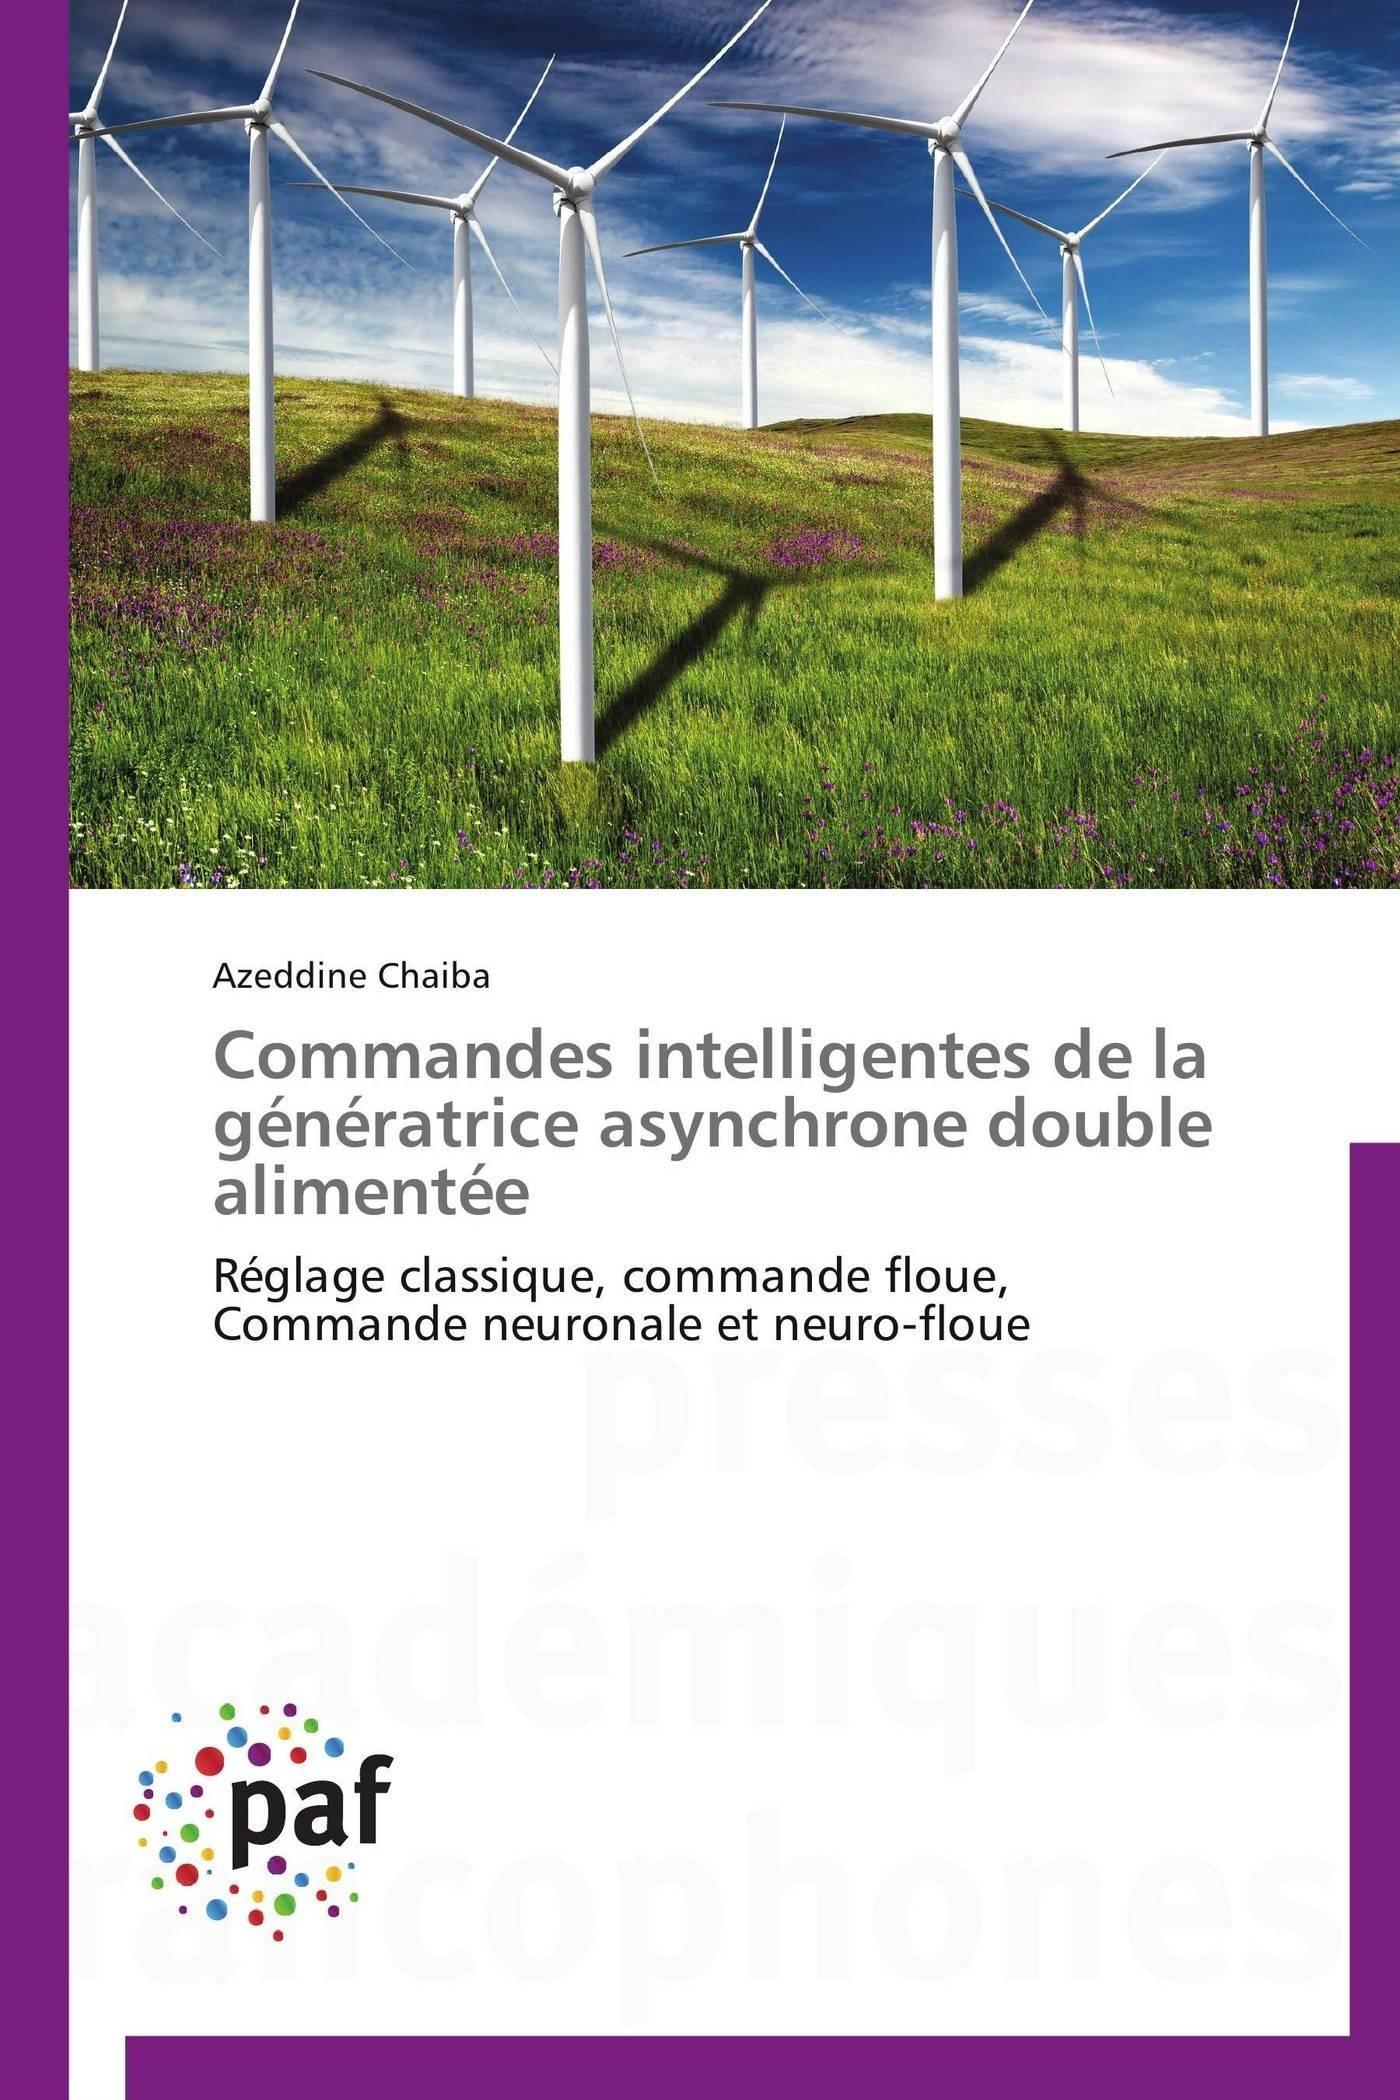 COMMANDES INTELLIGENTES DE LA GENERATRICE ASYNCHRONE DOUBLE ALIMENTEE